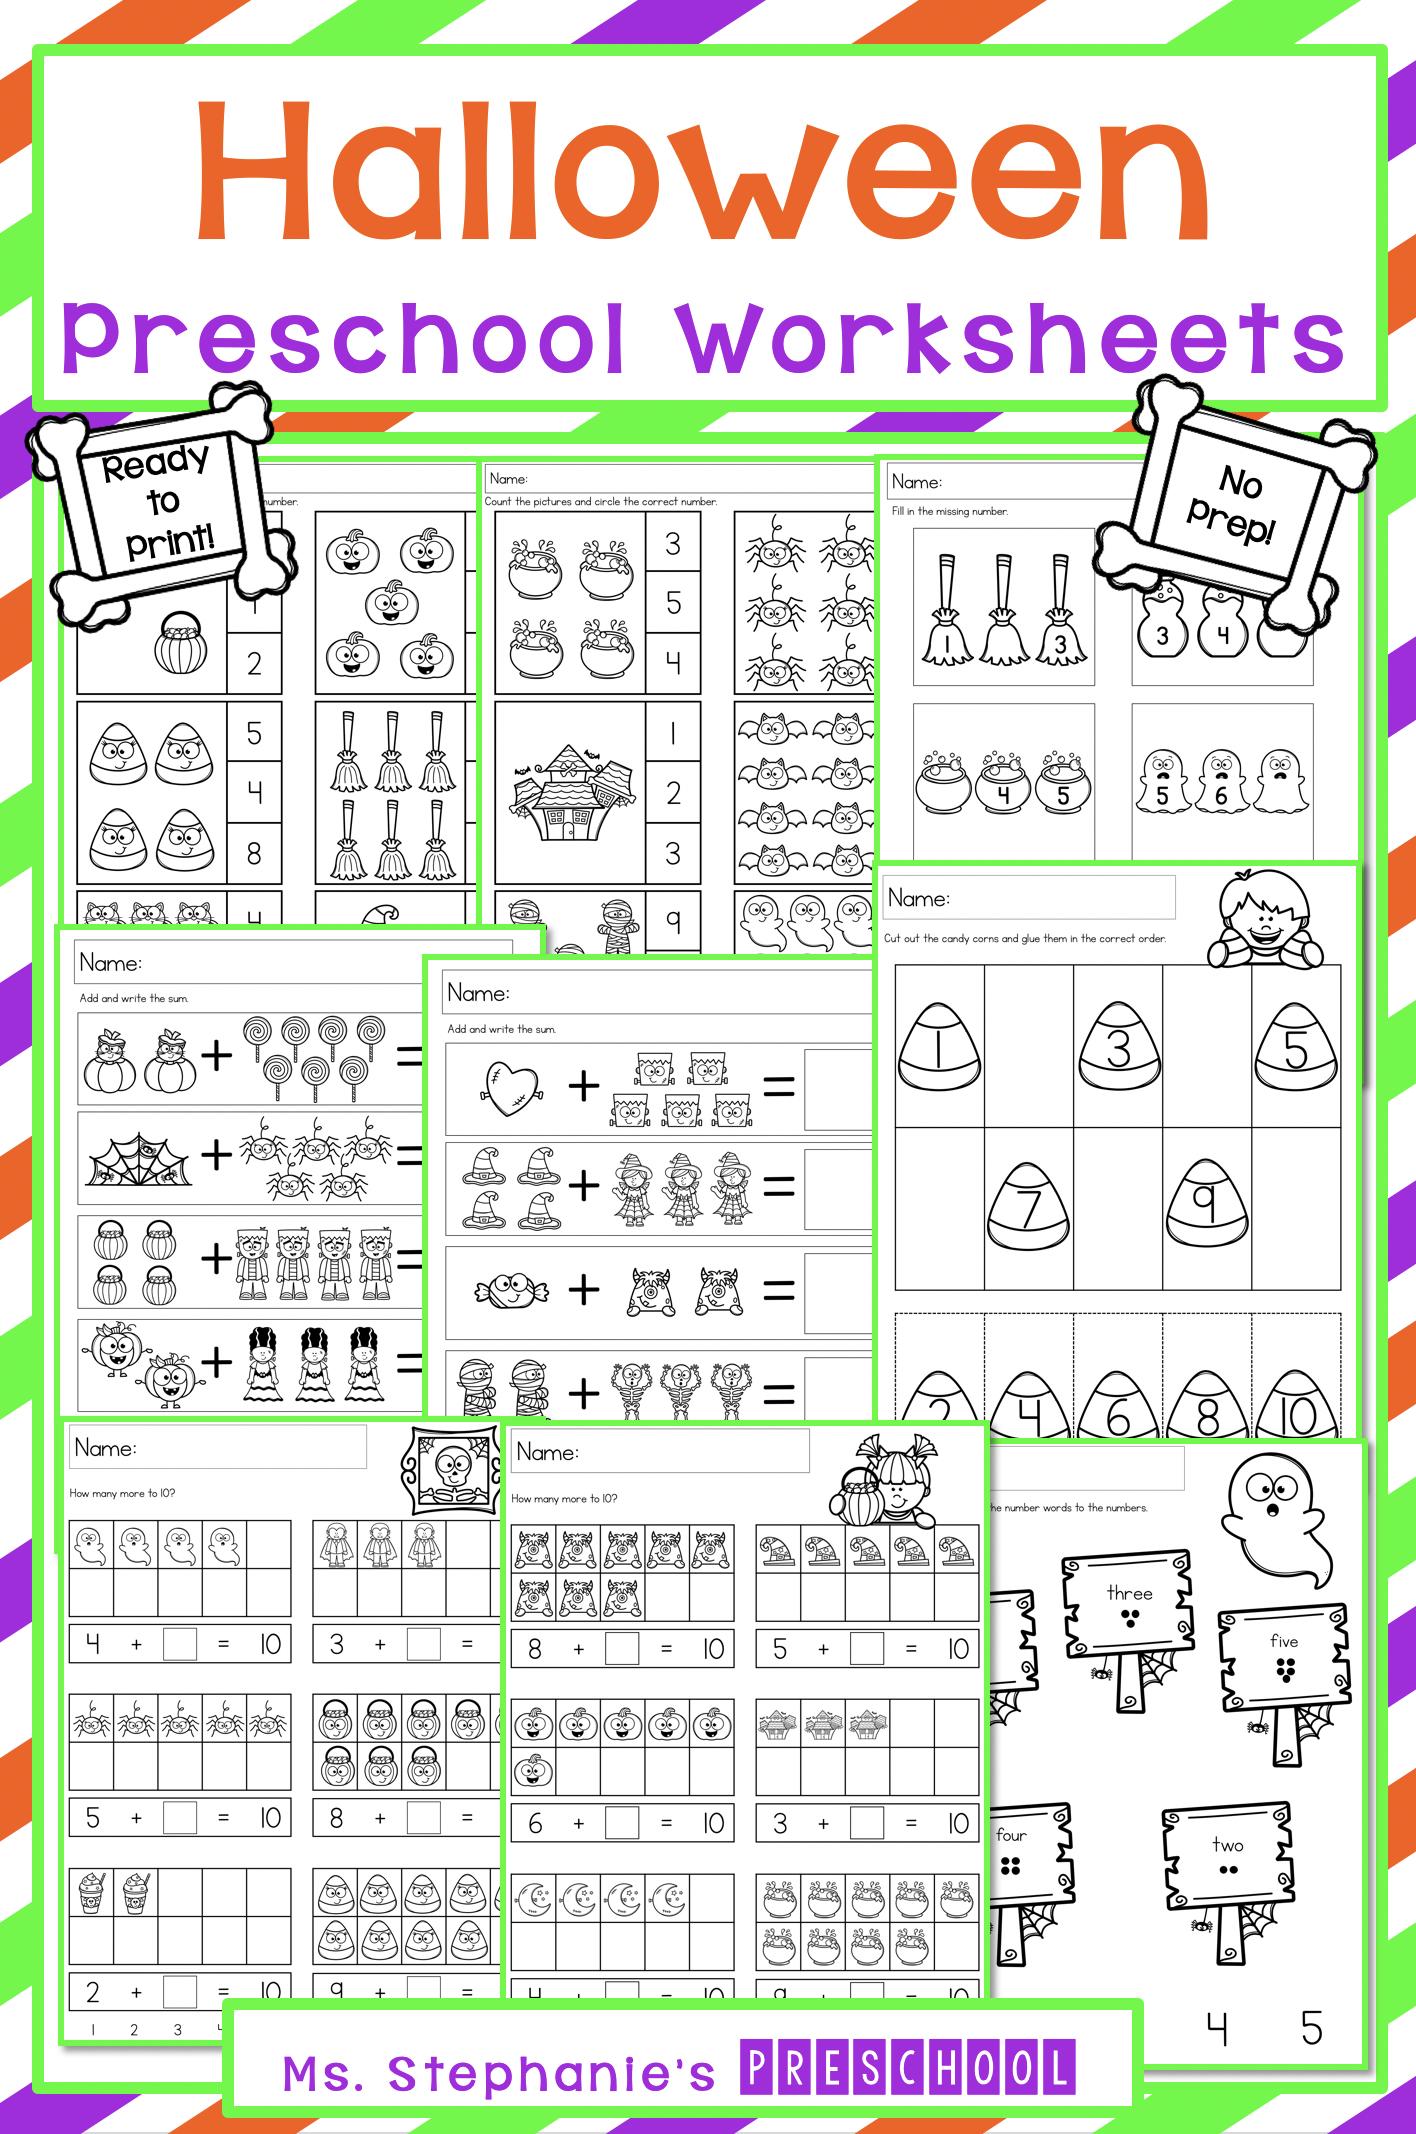 Halloween Preschool Worksheets In